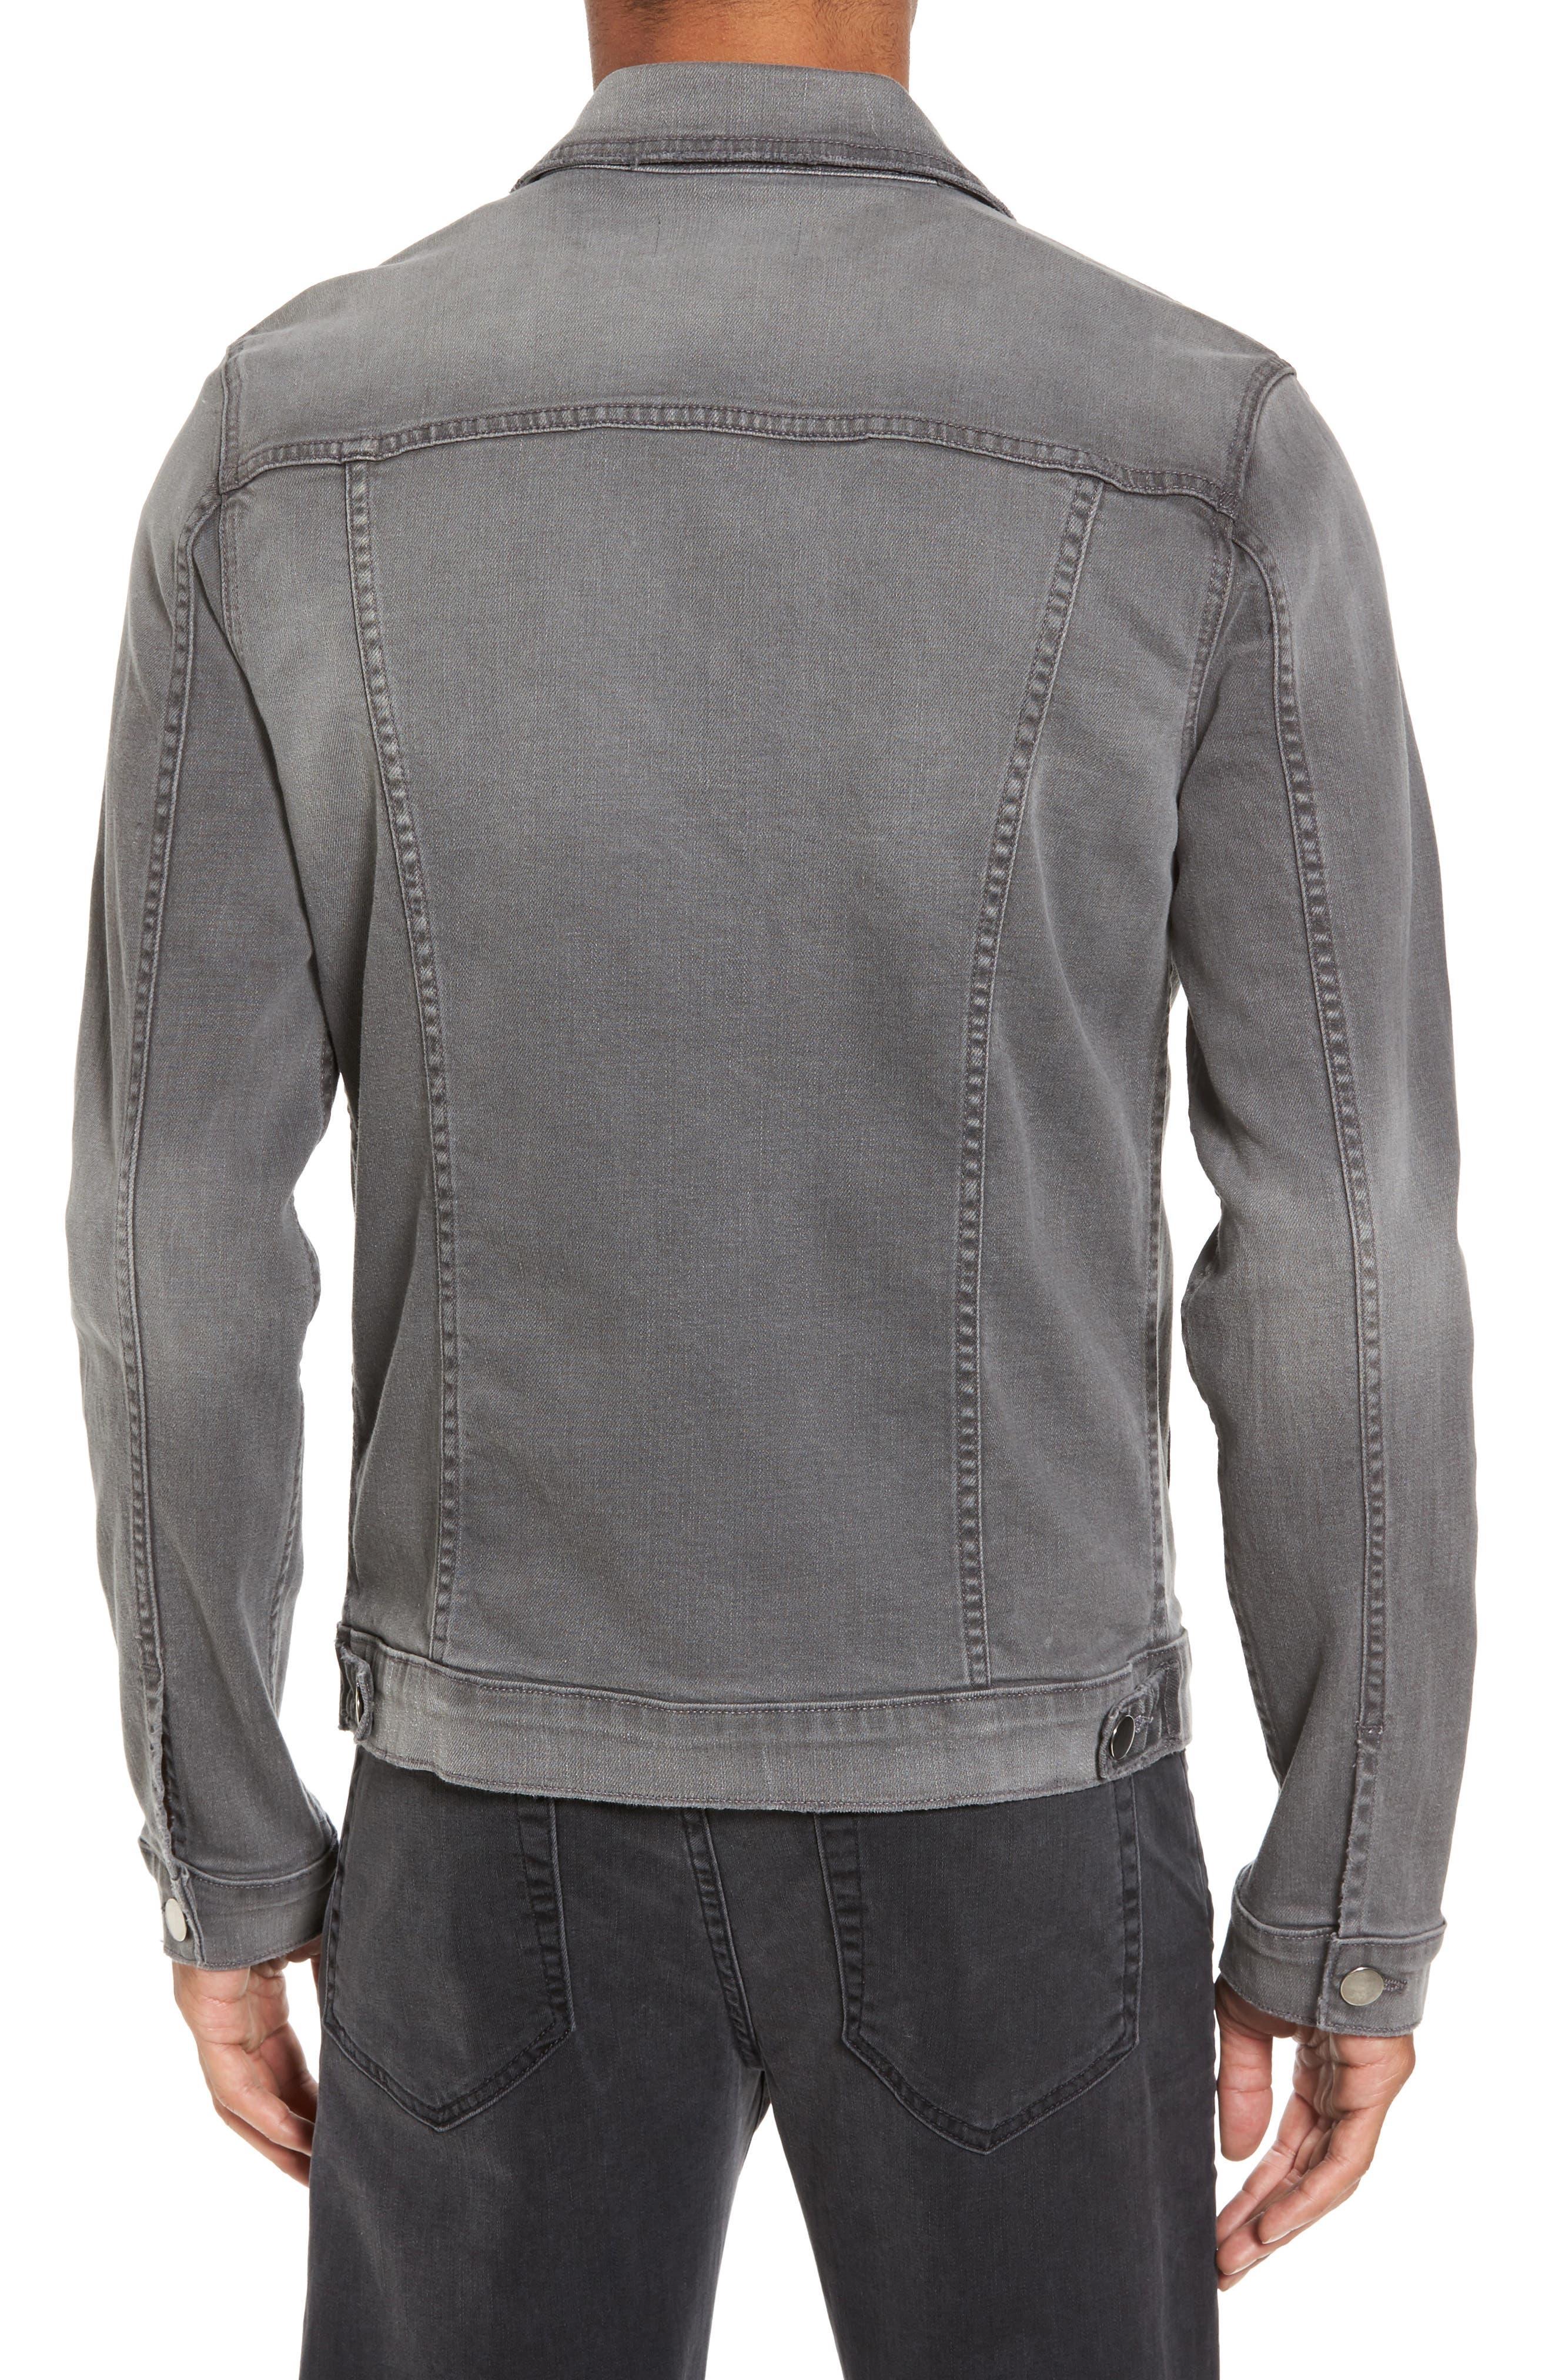 L'Homme Denim Jacket,                             Alternate thumbnail 2, color,                             GRAYSON